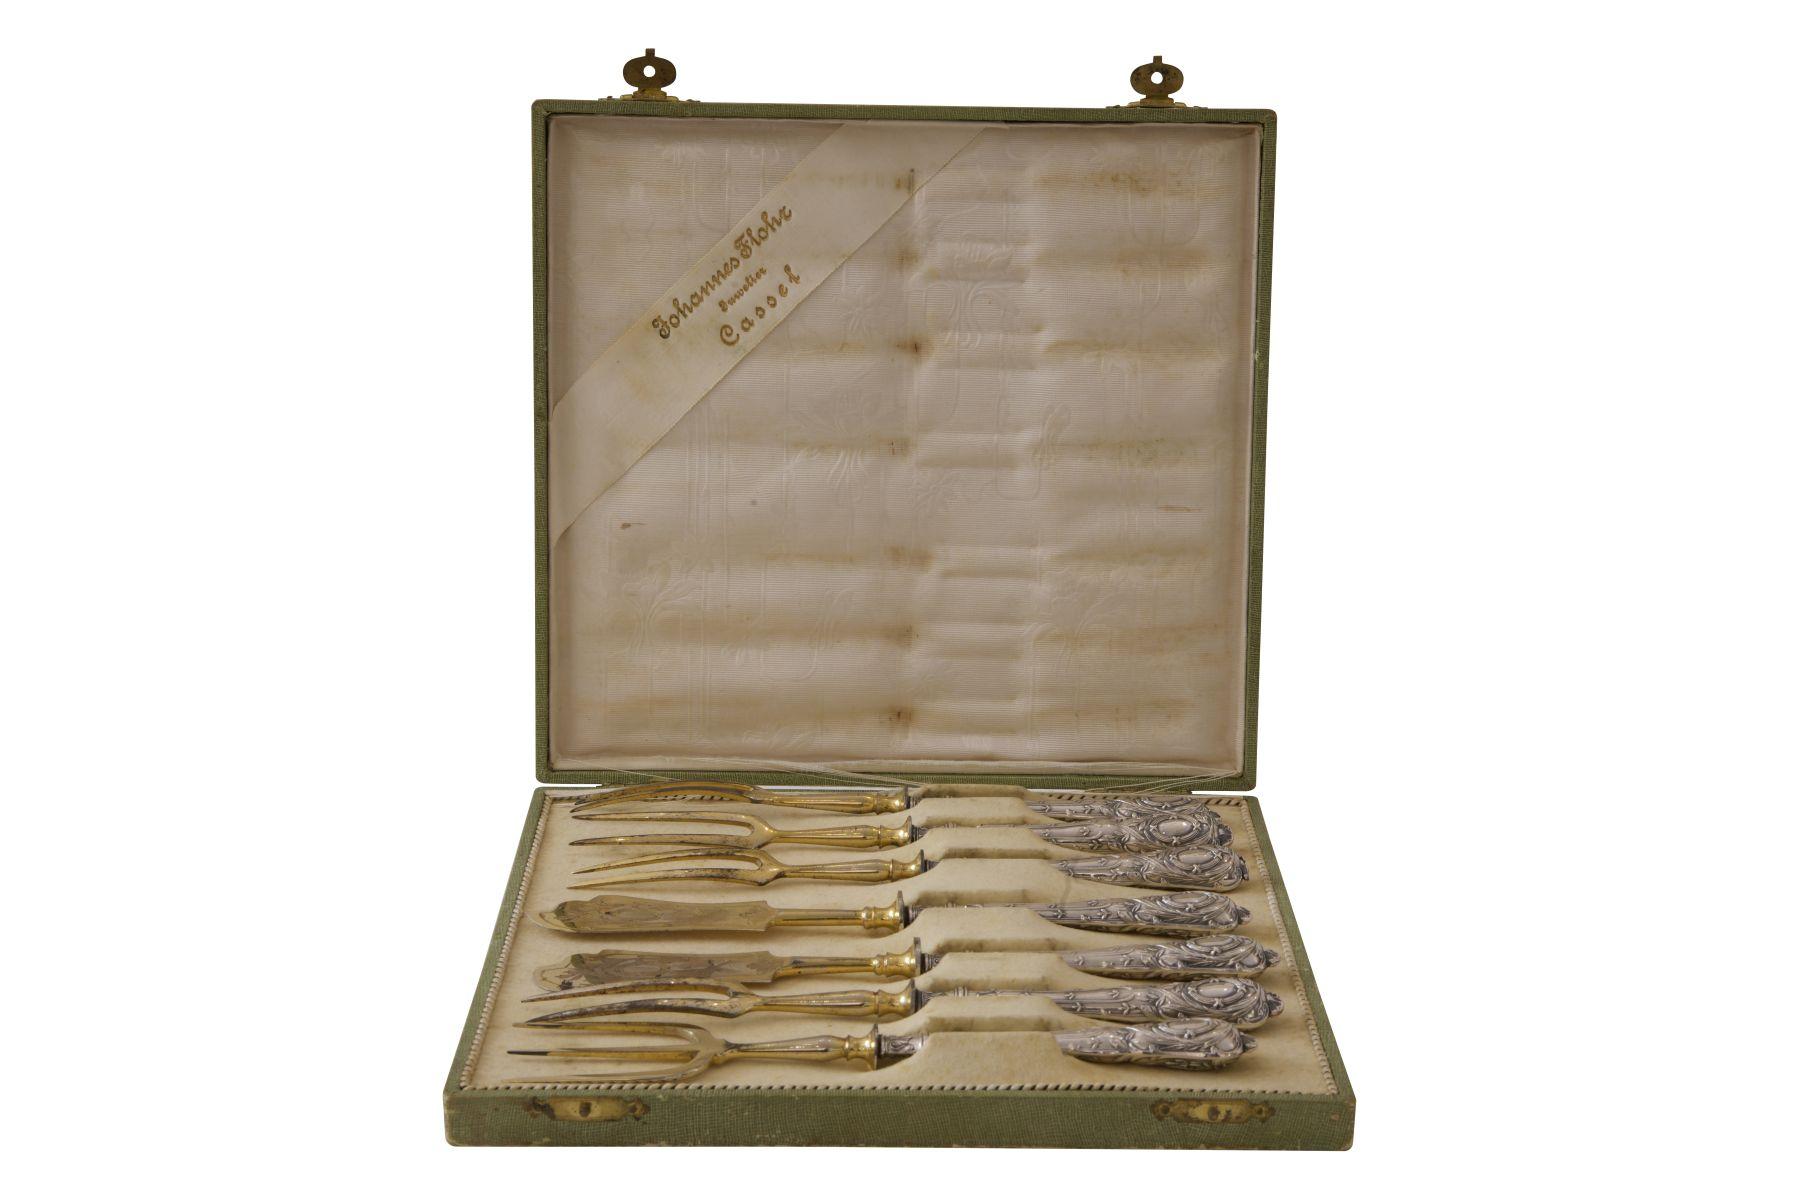 #39 Fish serving cutlery | Vorlegebesteck für Fisch Image